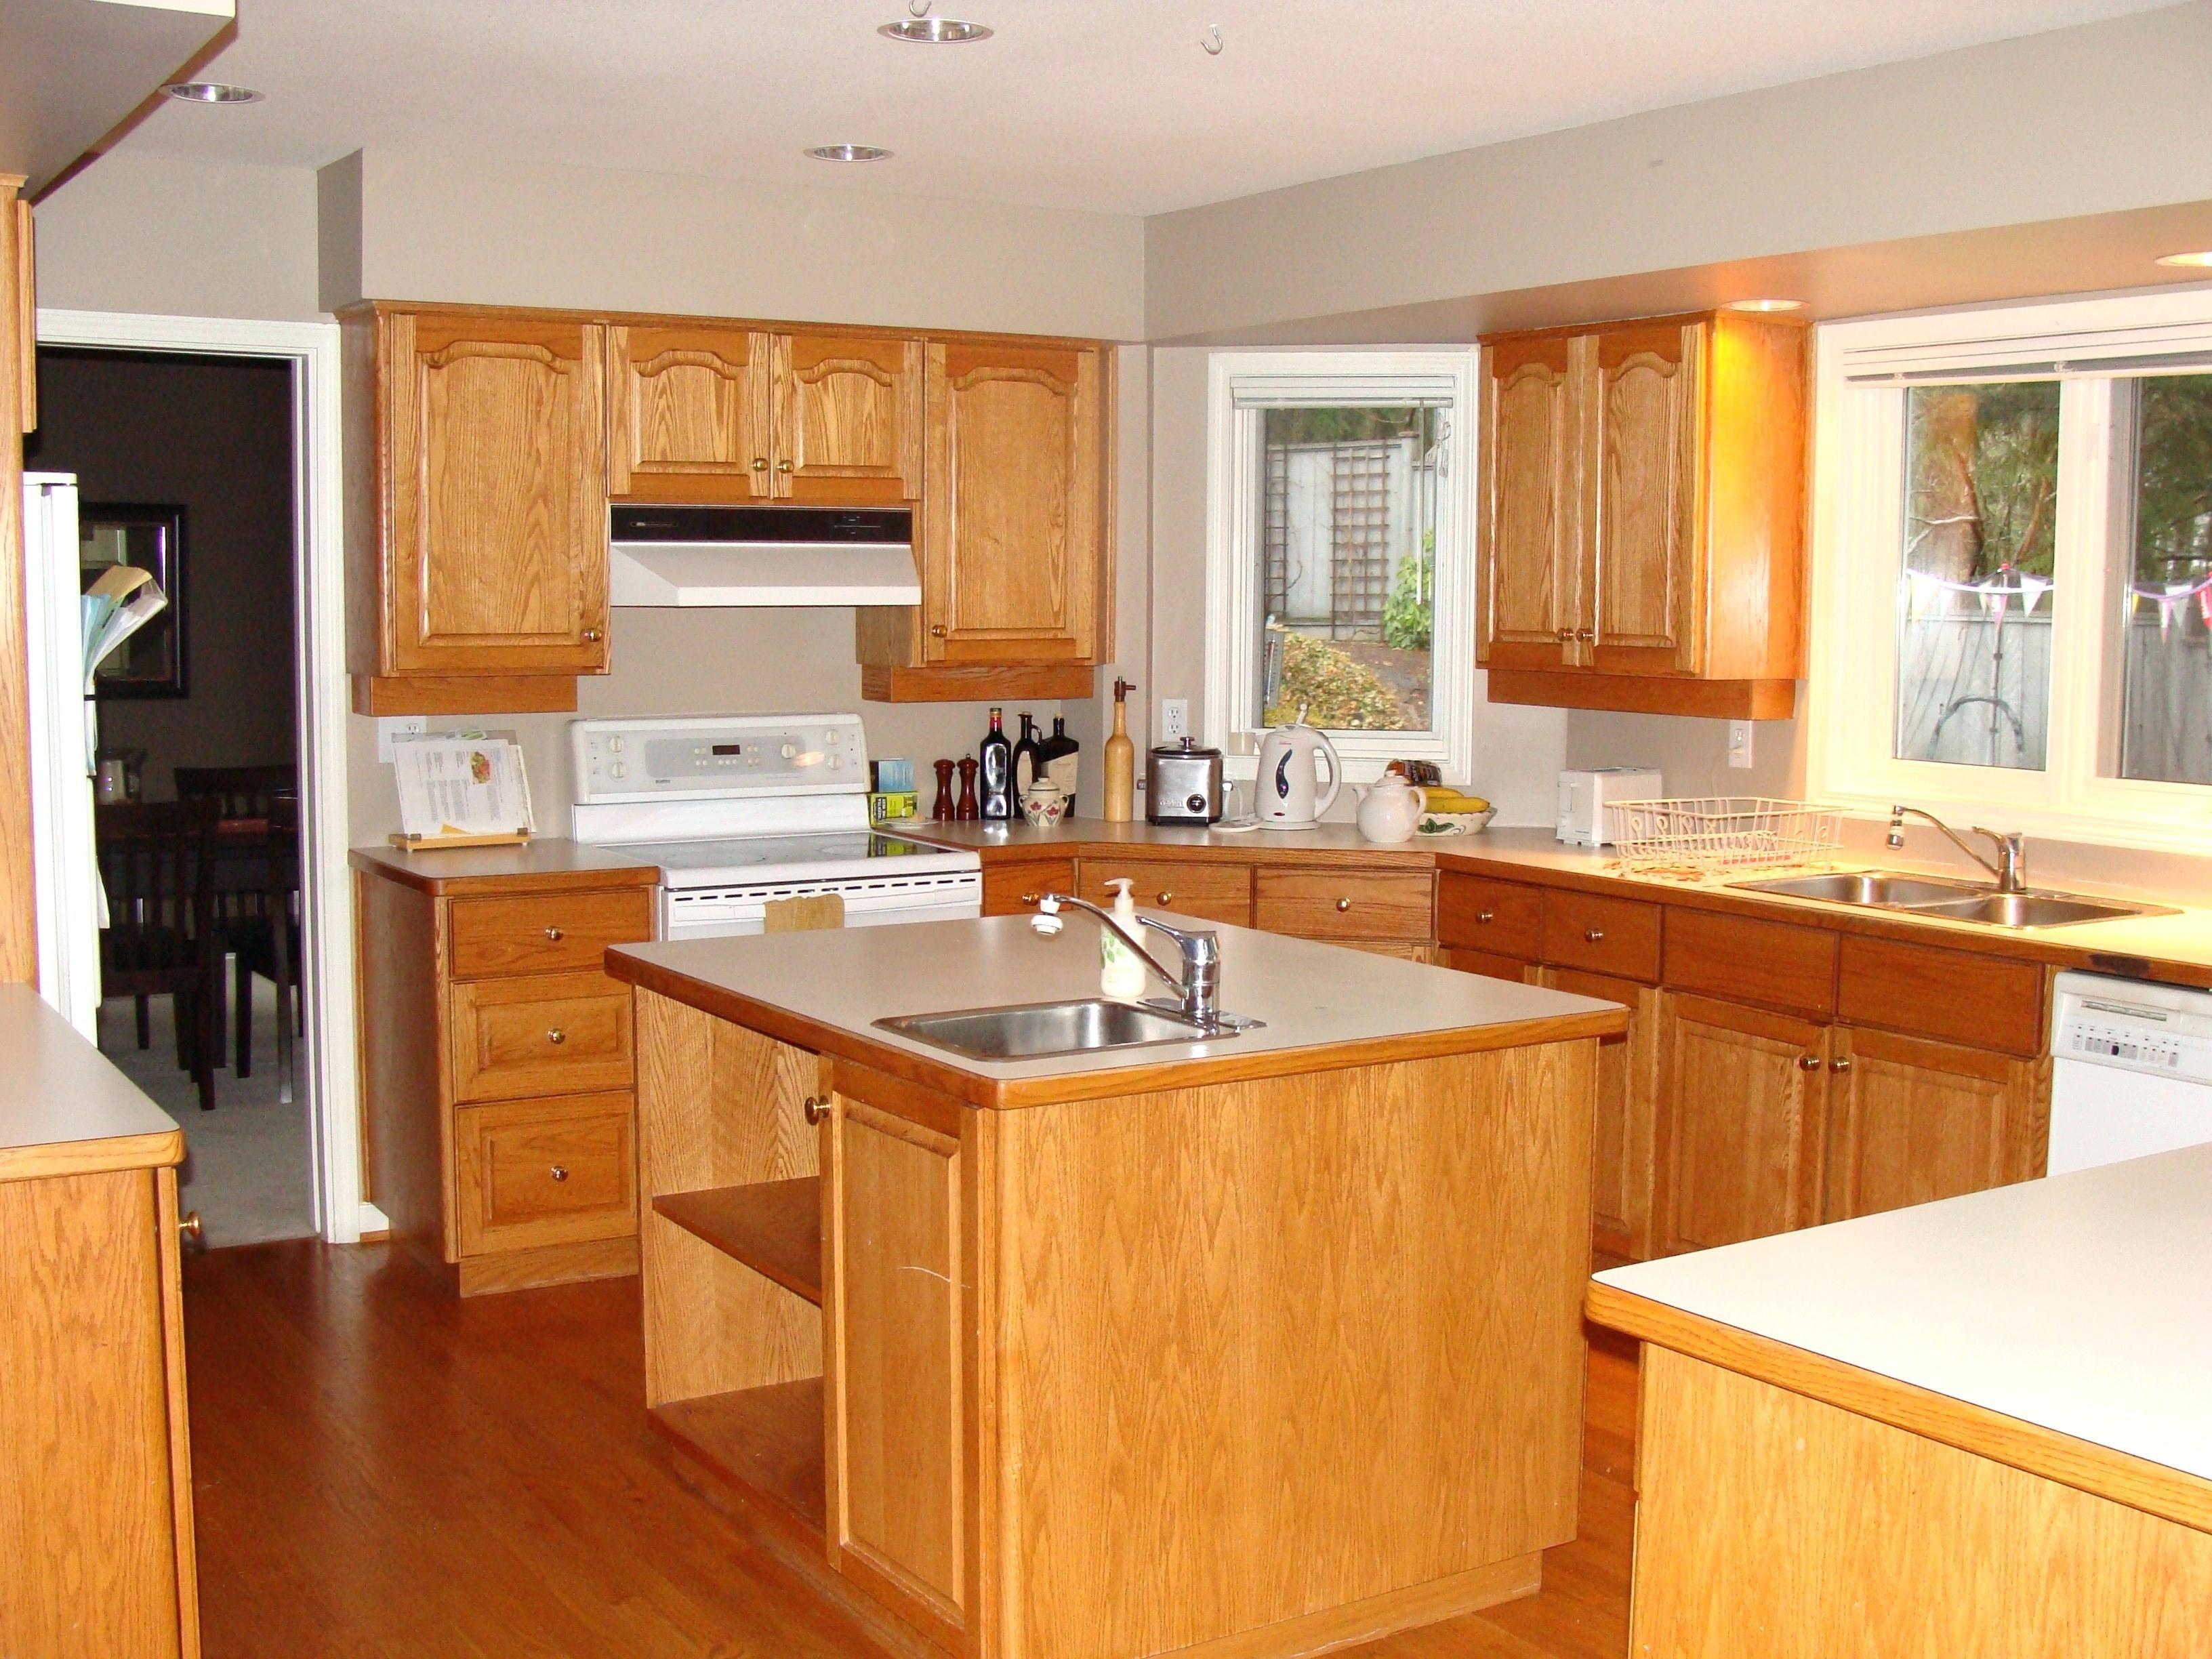 küchenschrank türen neue kabinett türen küchenschrank türen mit glas